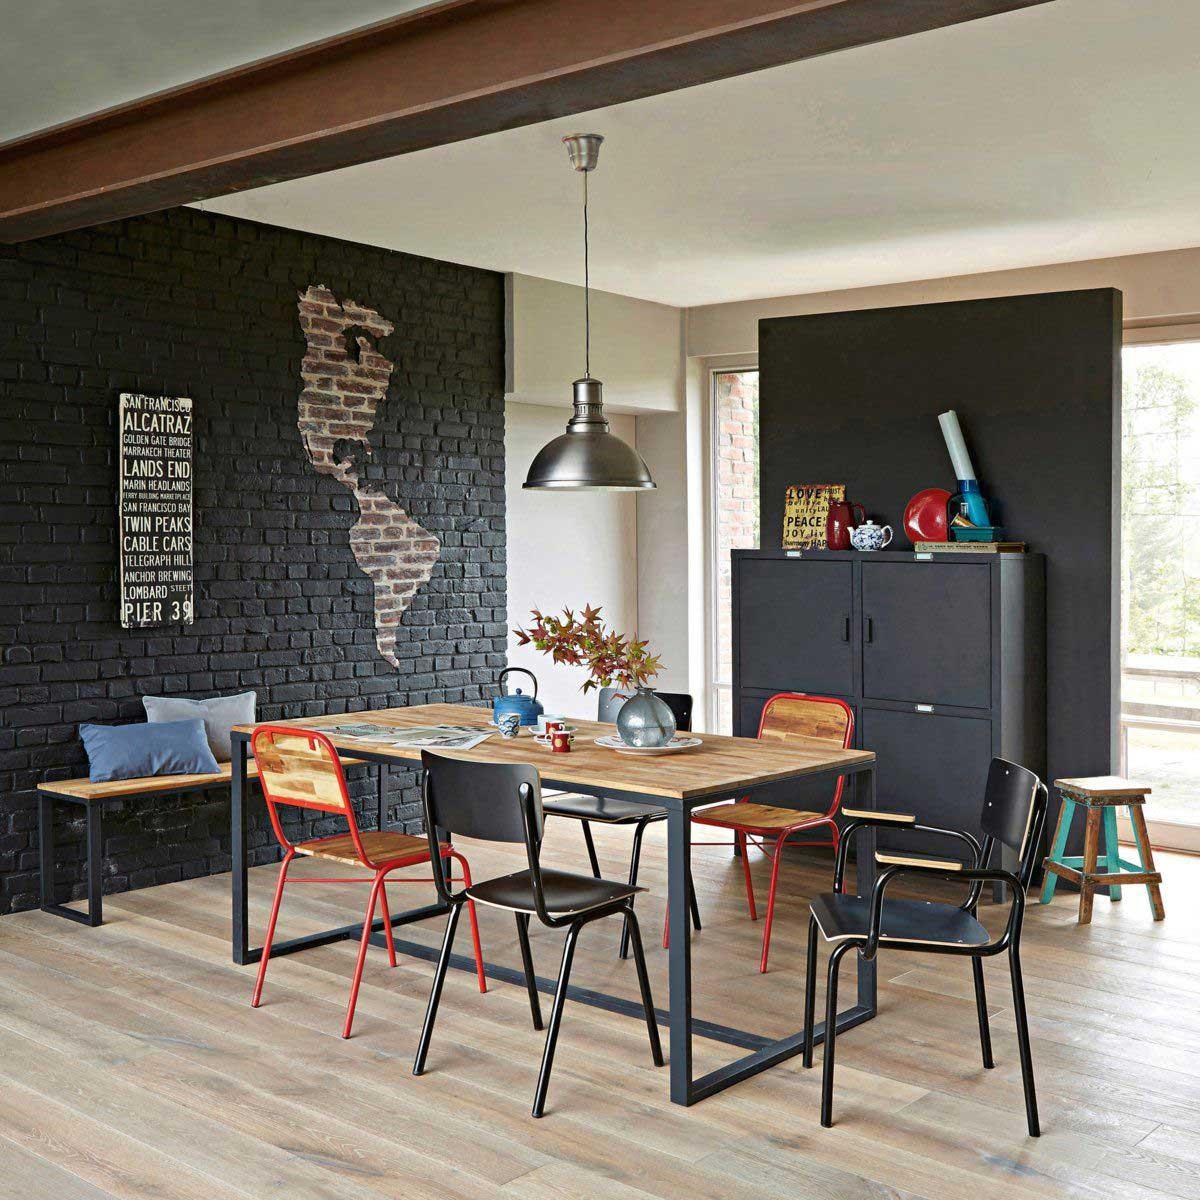 chaise d 39 cole noire pour d co industrielle. Black Bedroom Furniture Sets. Home Design Ideas